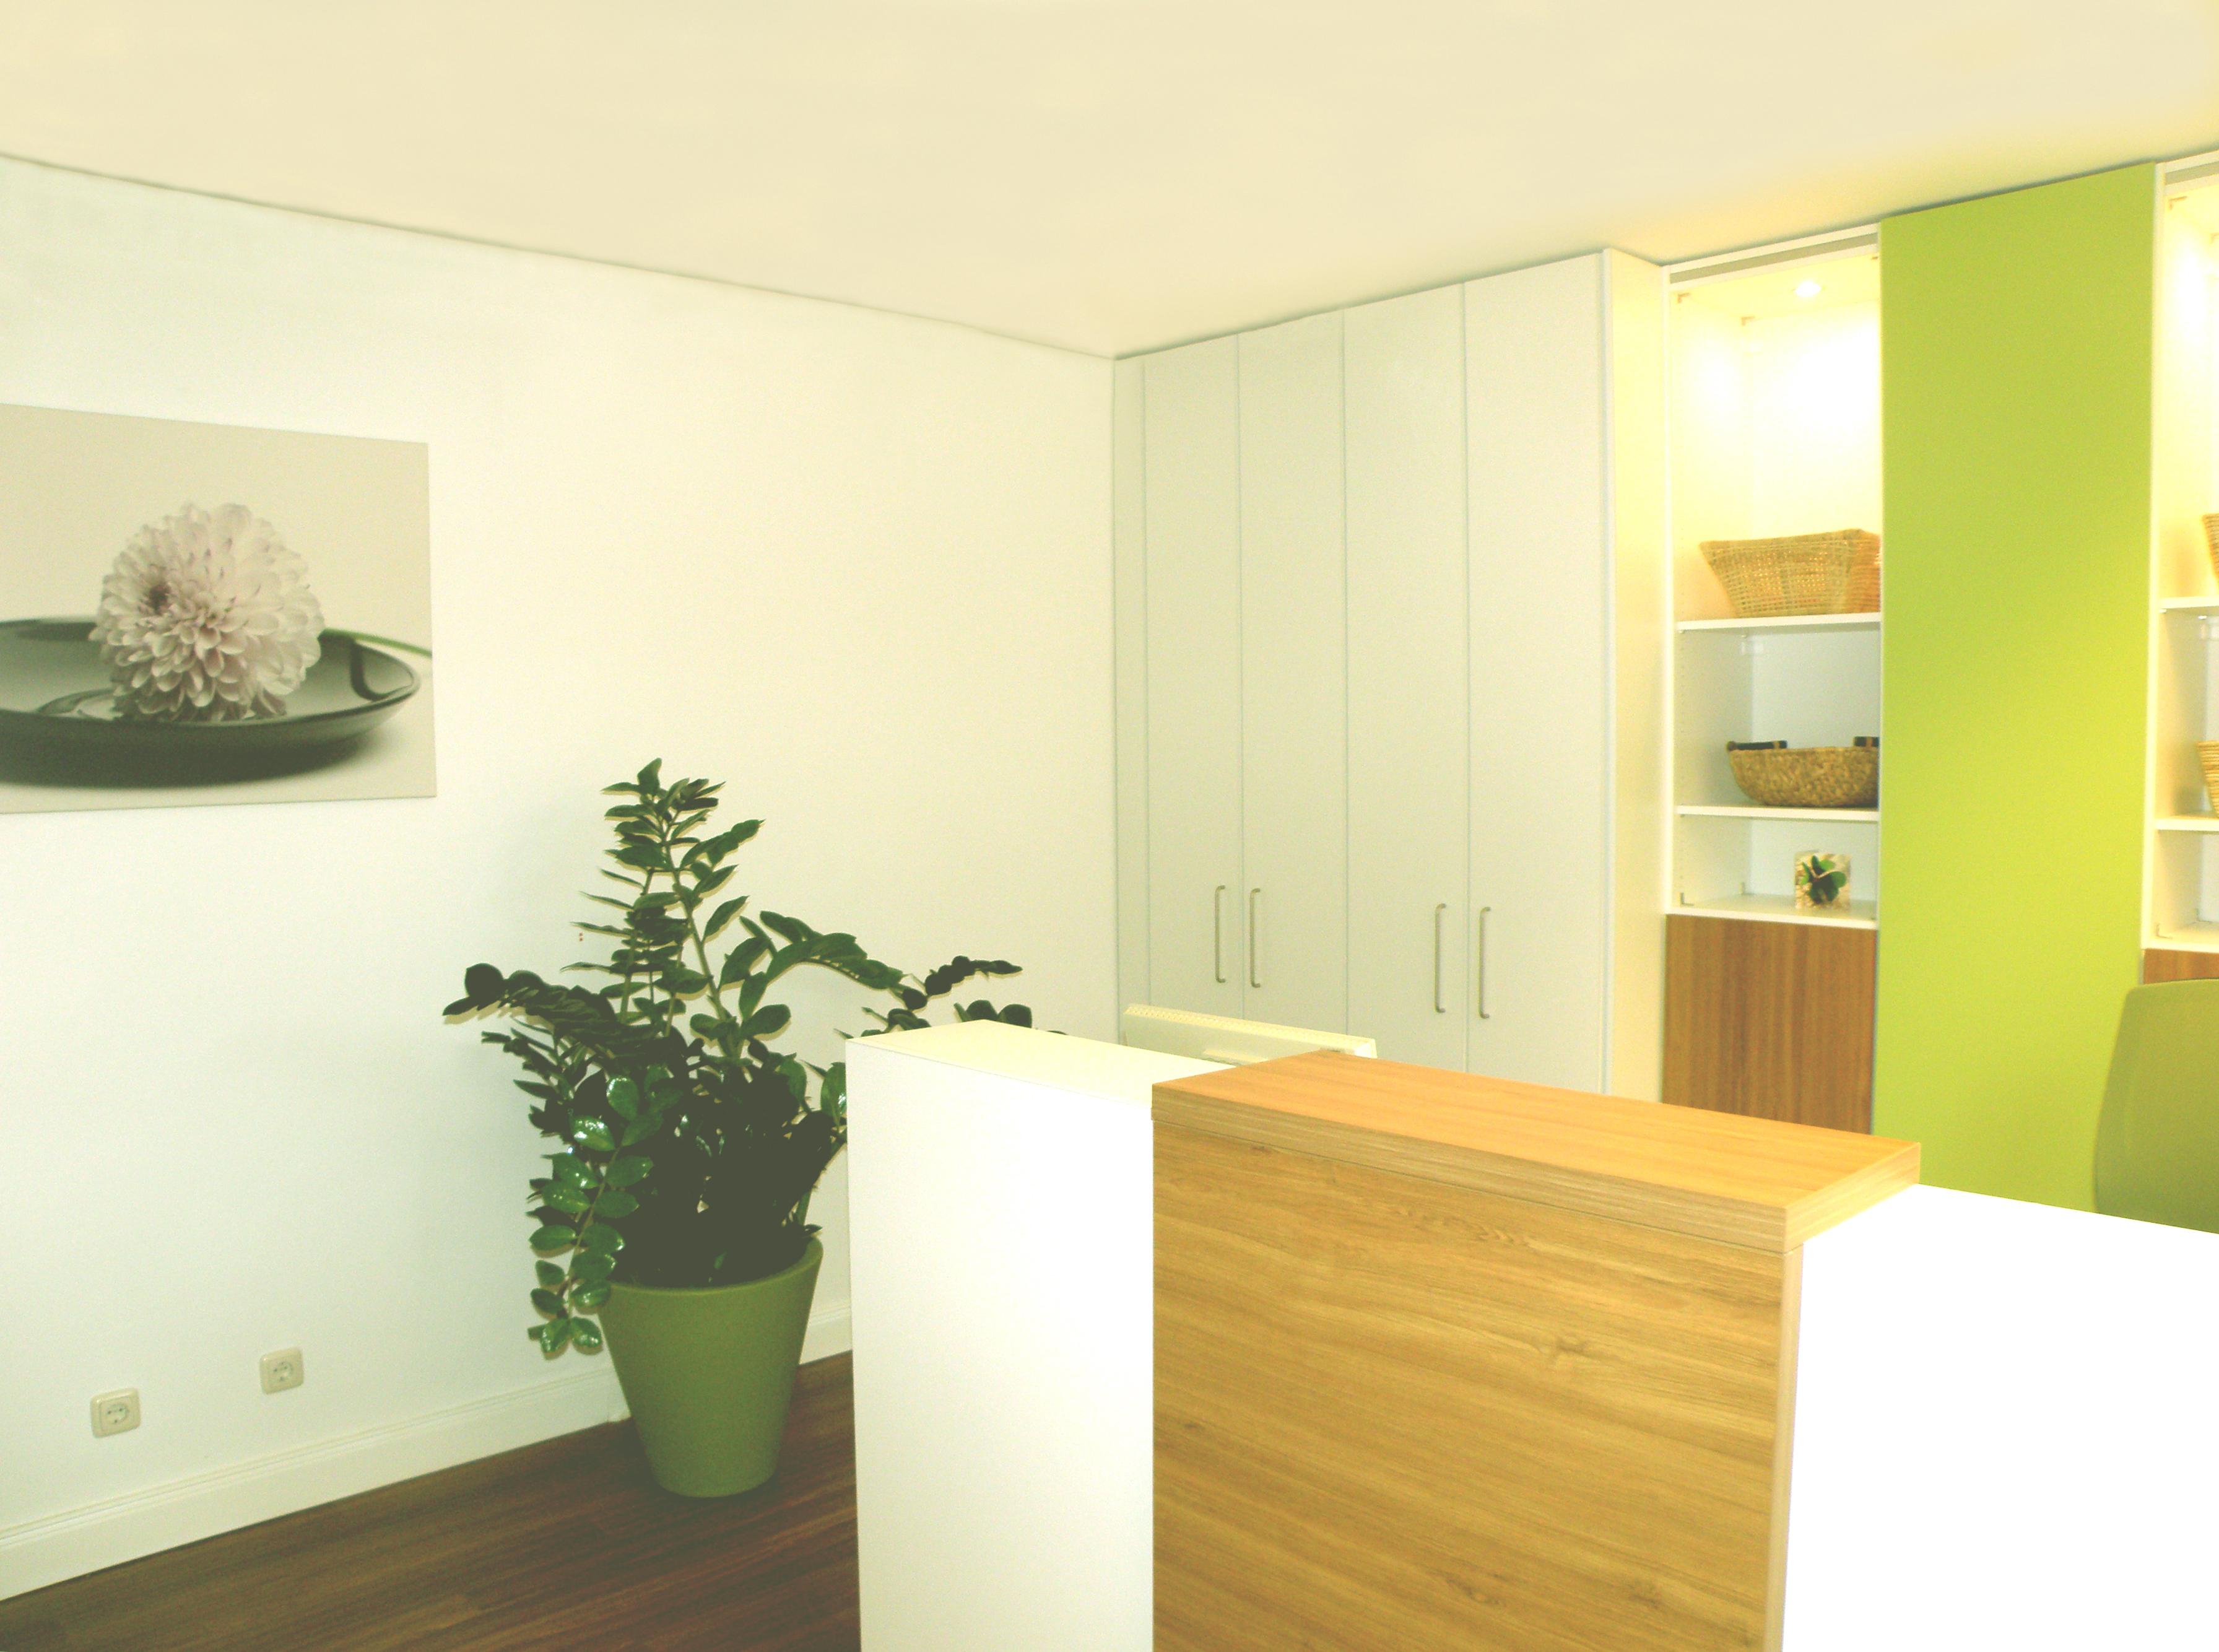 vortr ge aikipea feng shui. Black Bedroom Furniture Sets. Home Design Ideas